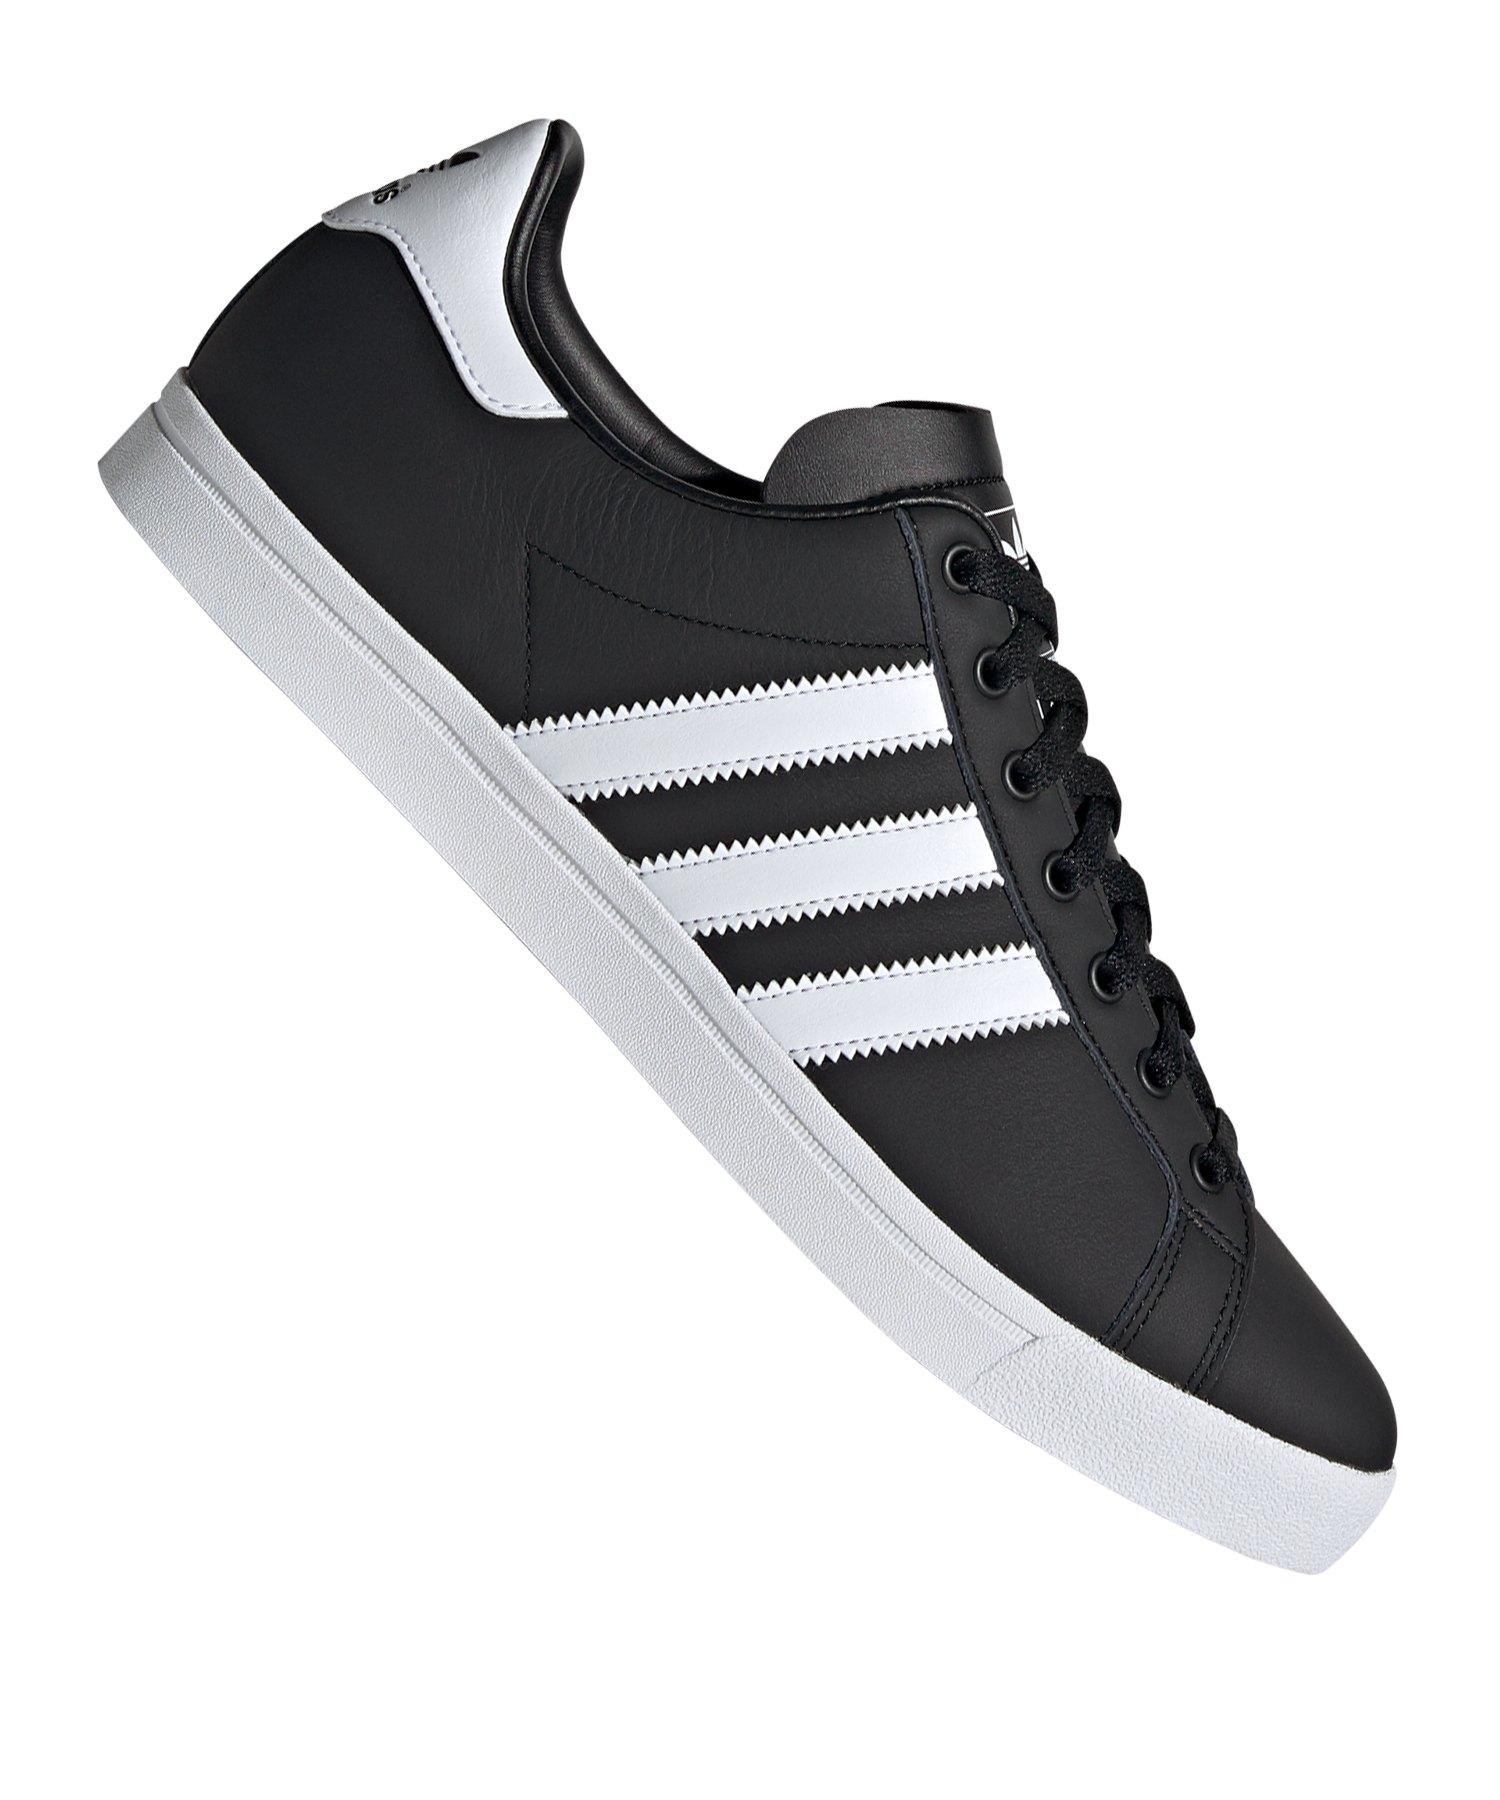 Coast Originals Adidas Schwarz Sneaker Star LVpMjSzGqU